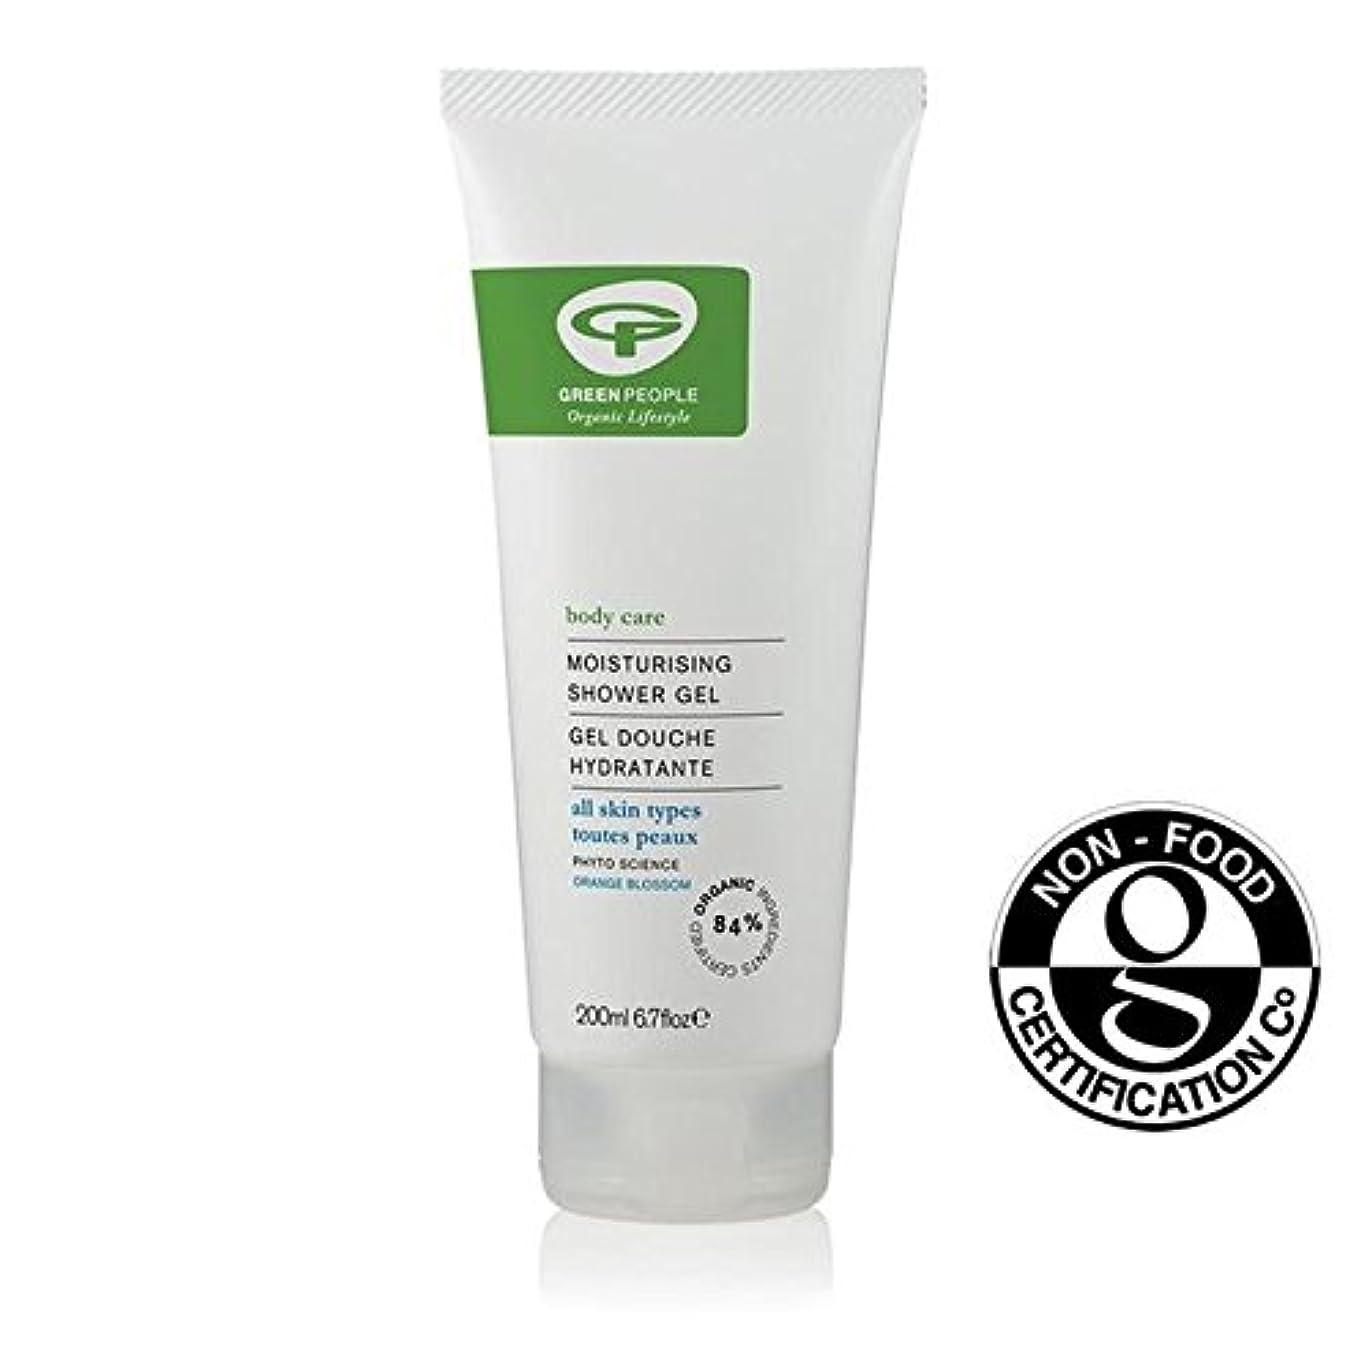 アームストロングレンジ元気な緑の人々の有機保湿シャワージェル200 x4 - Green People Organic Moisturising Shower Gel 200ml (Pack of 4) [並行輸入品]